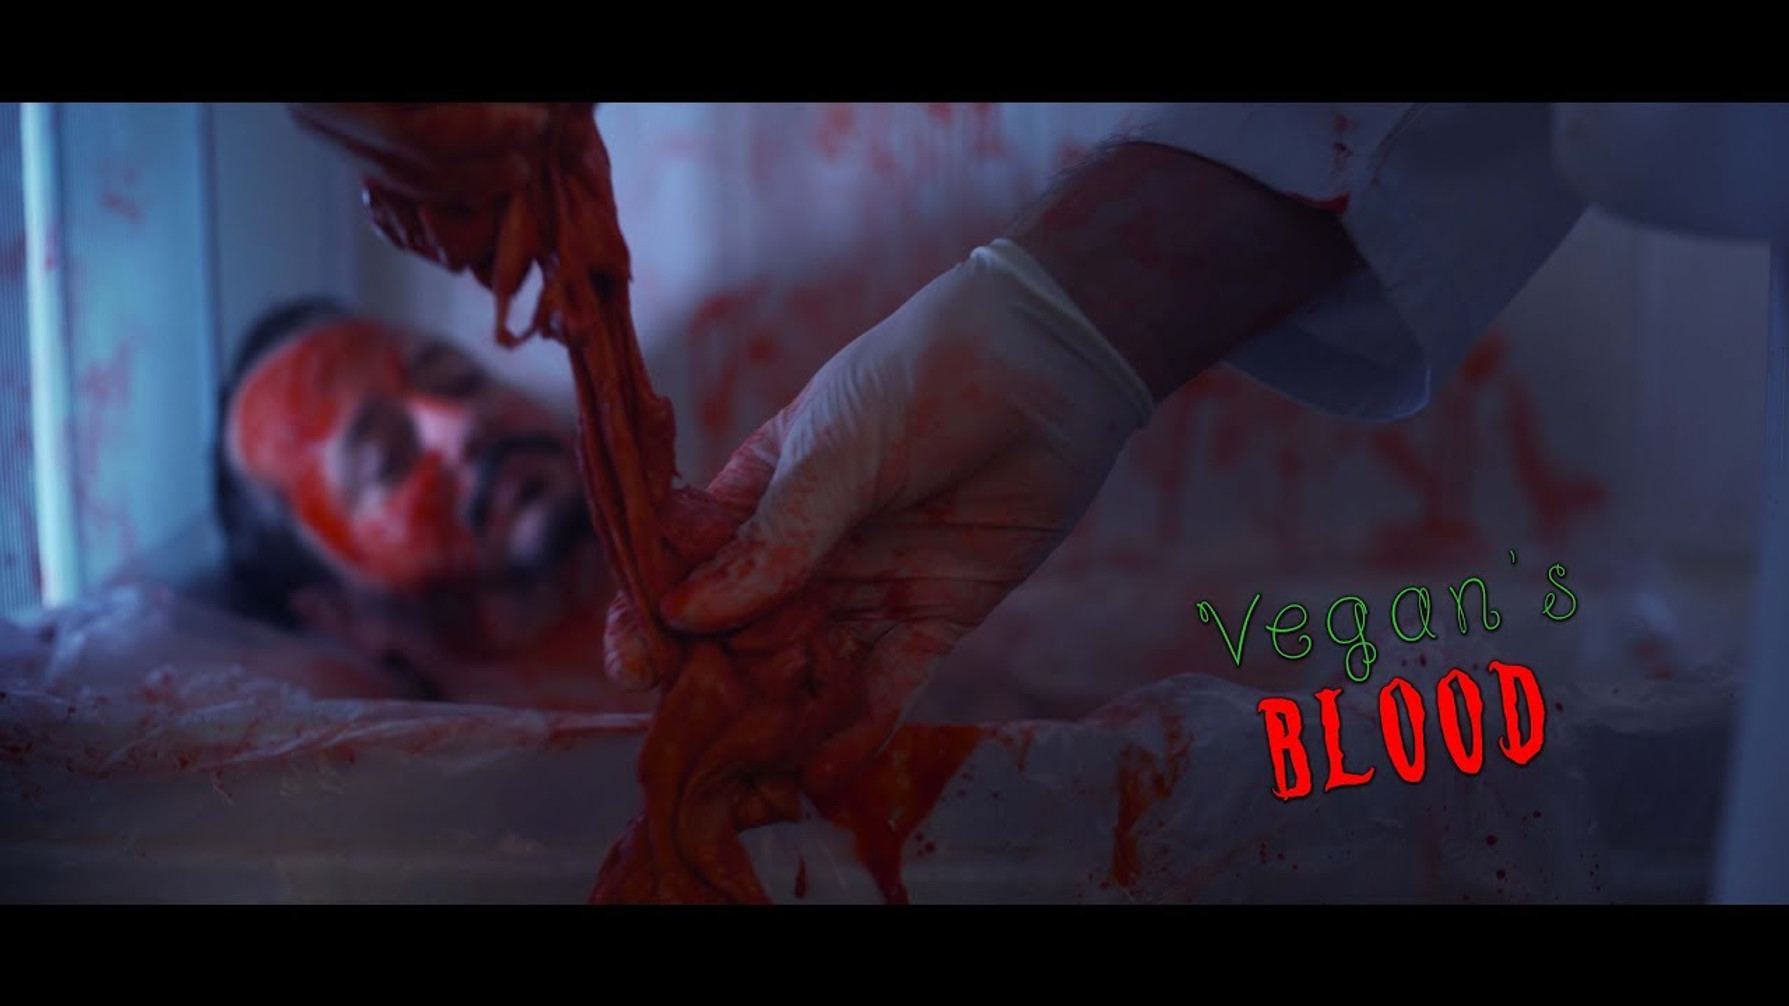 Vegan's blood